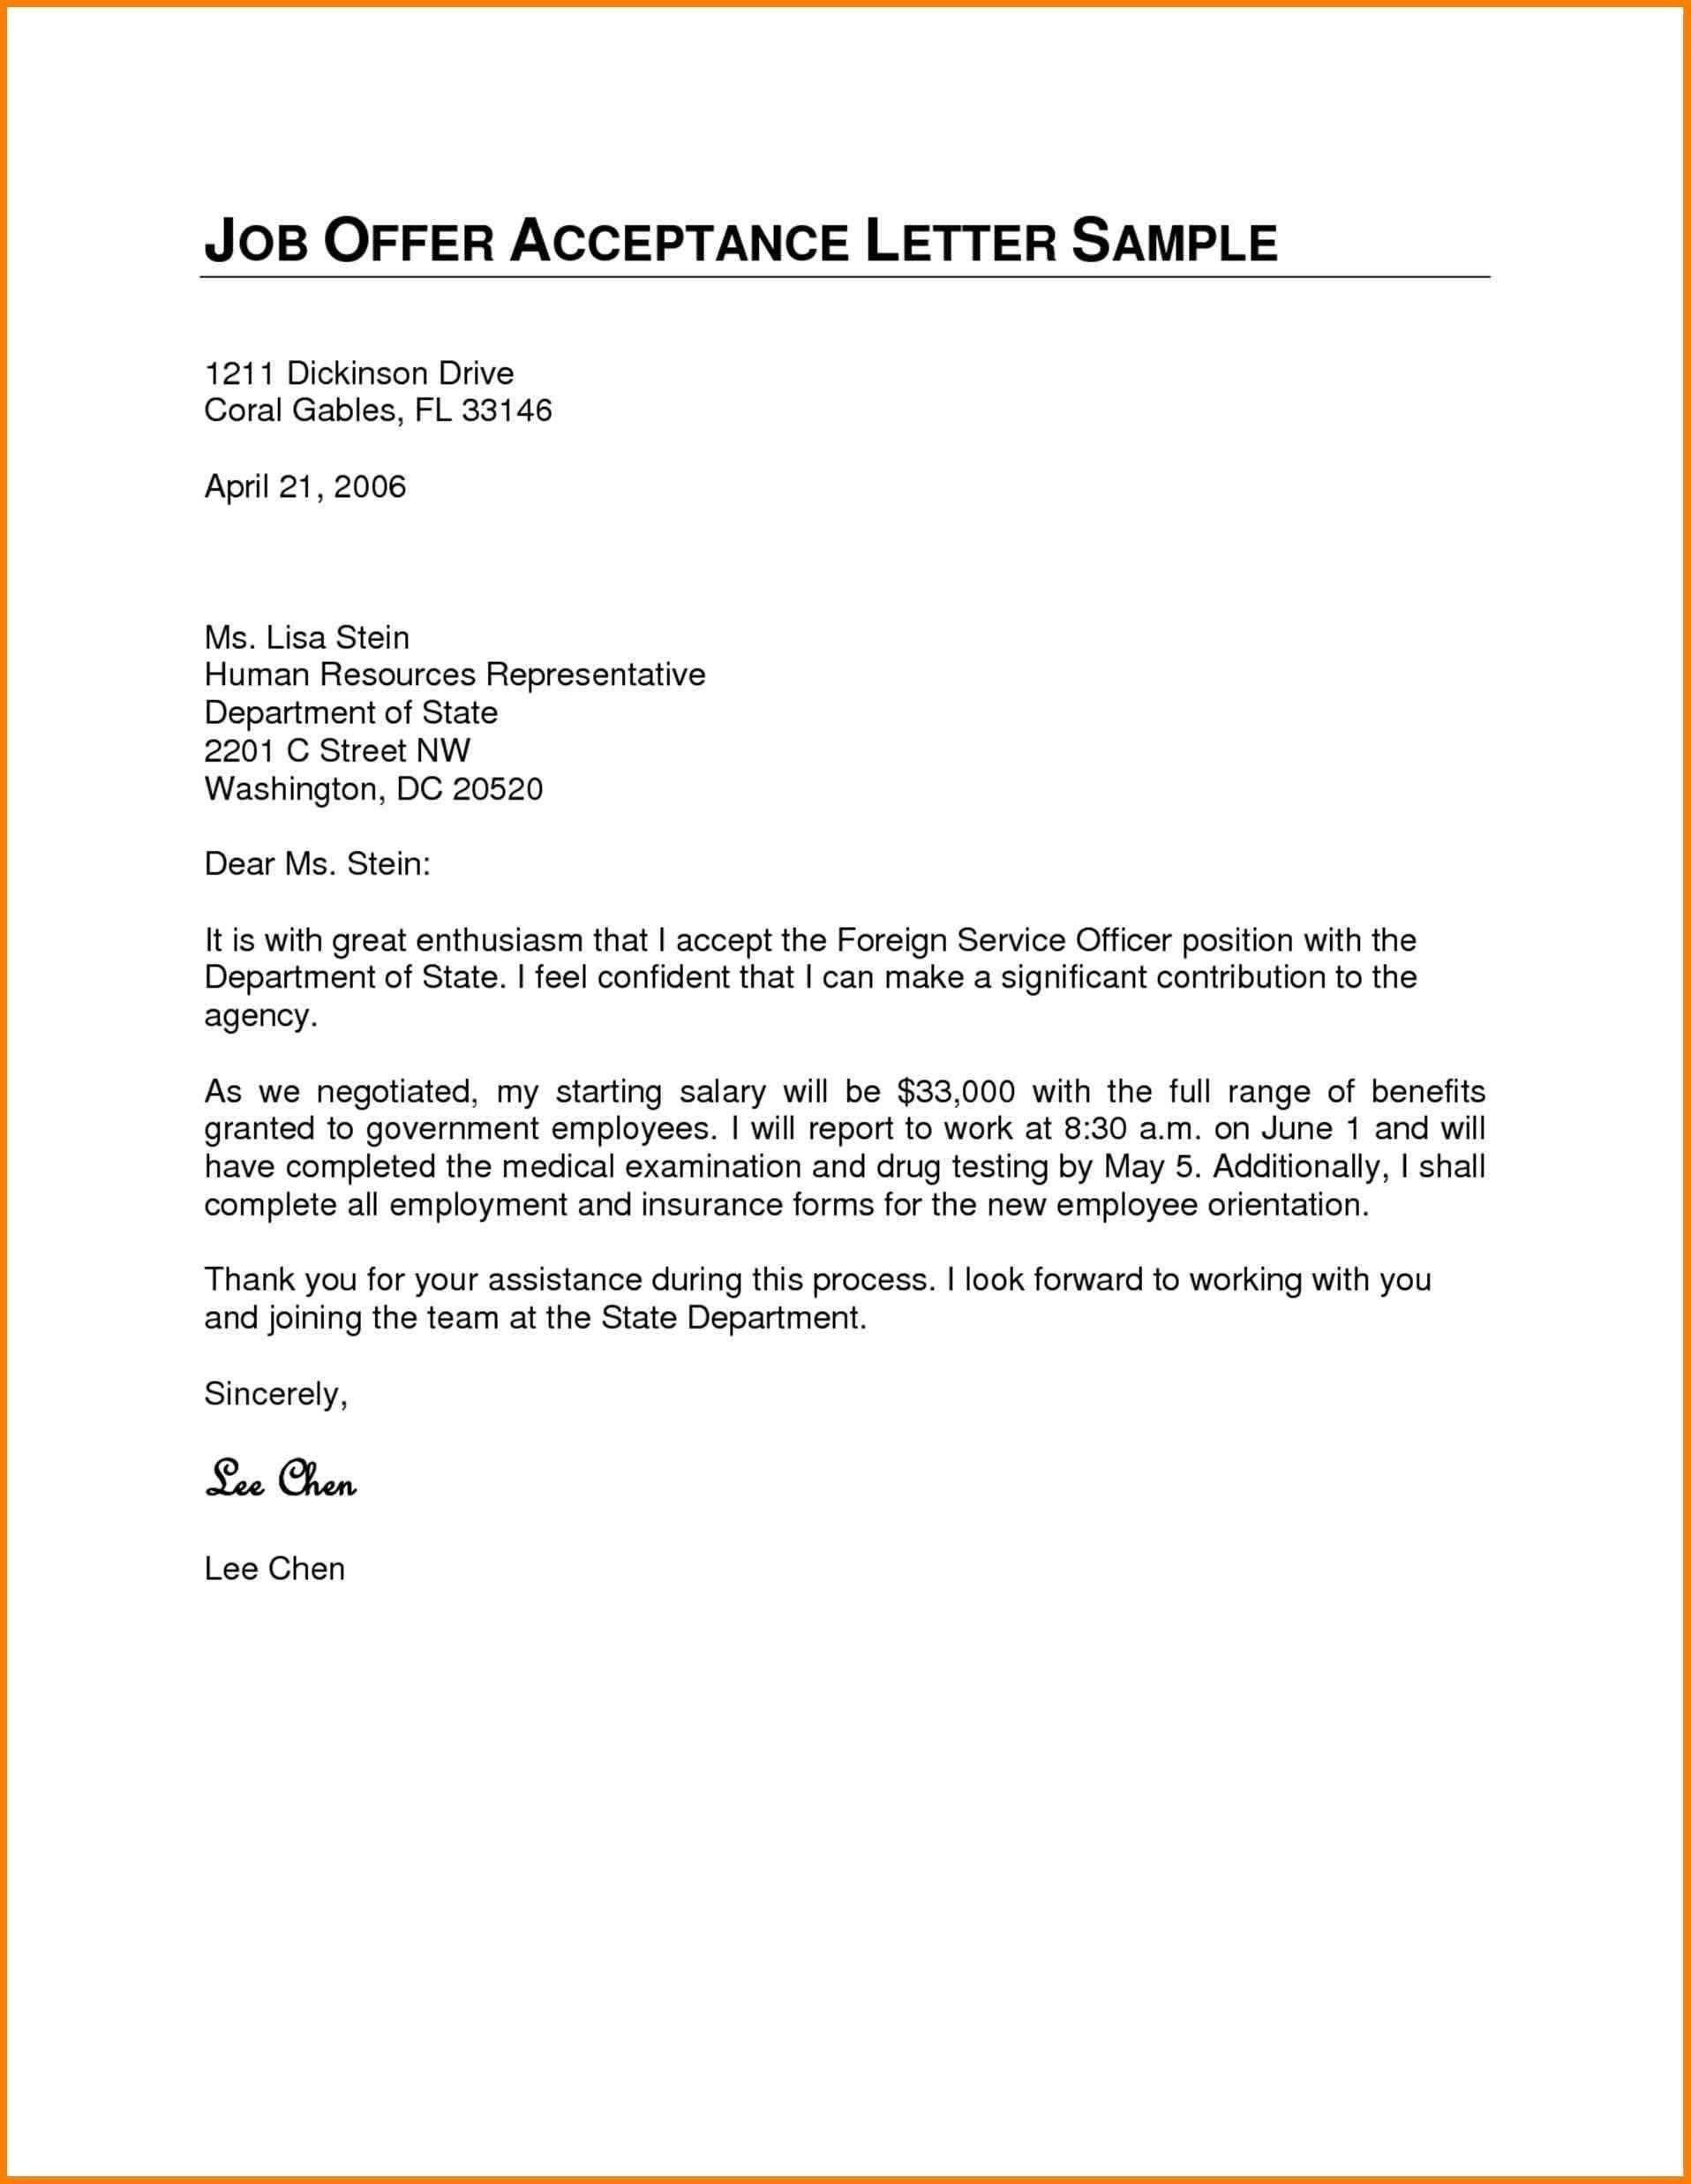 Valid Thank You Letter after Job Acceptance Job offer